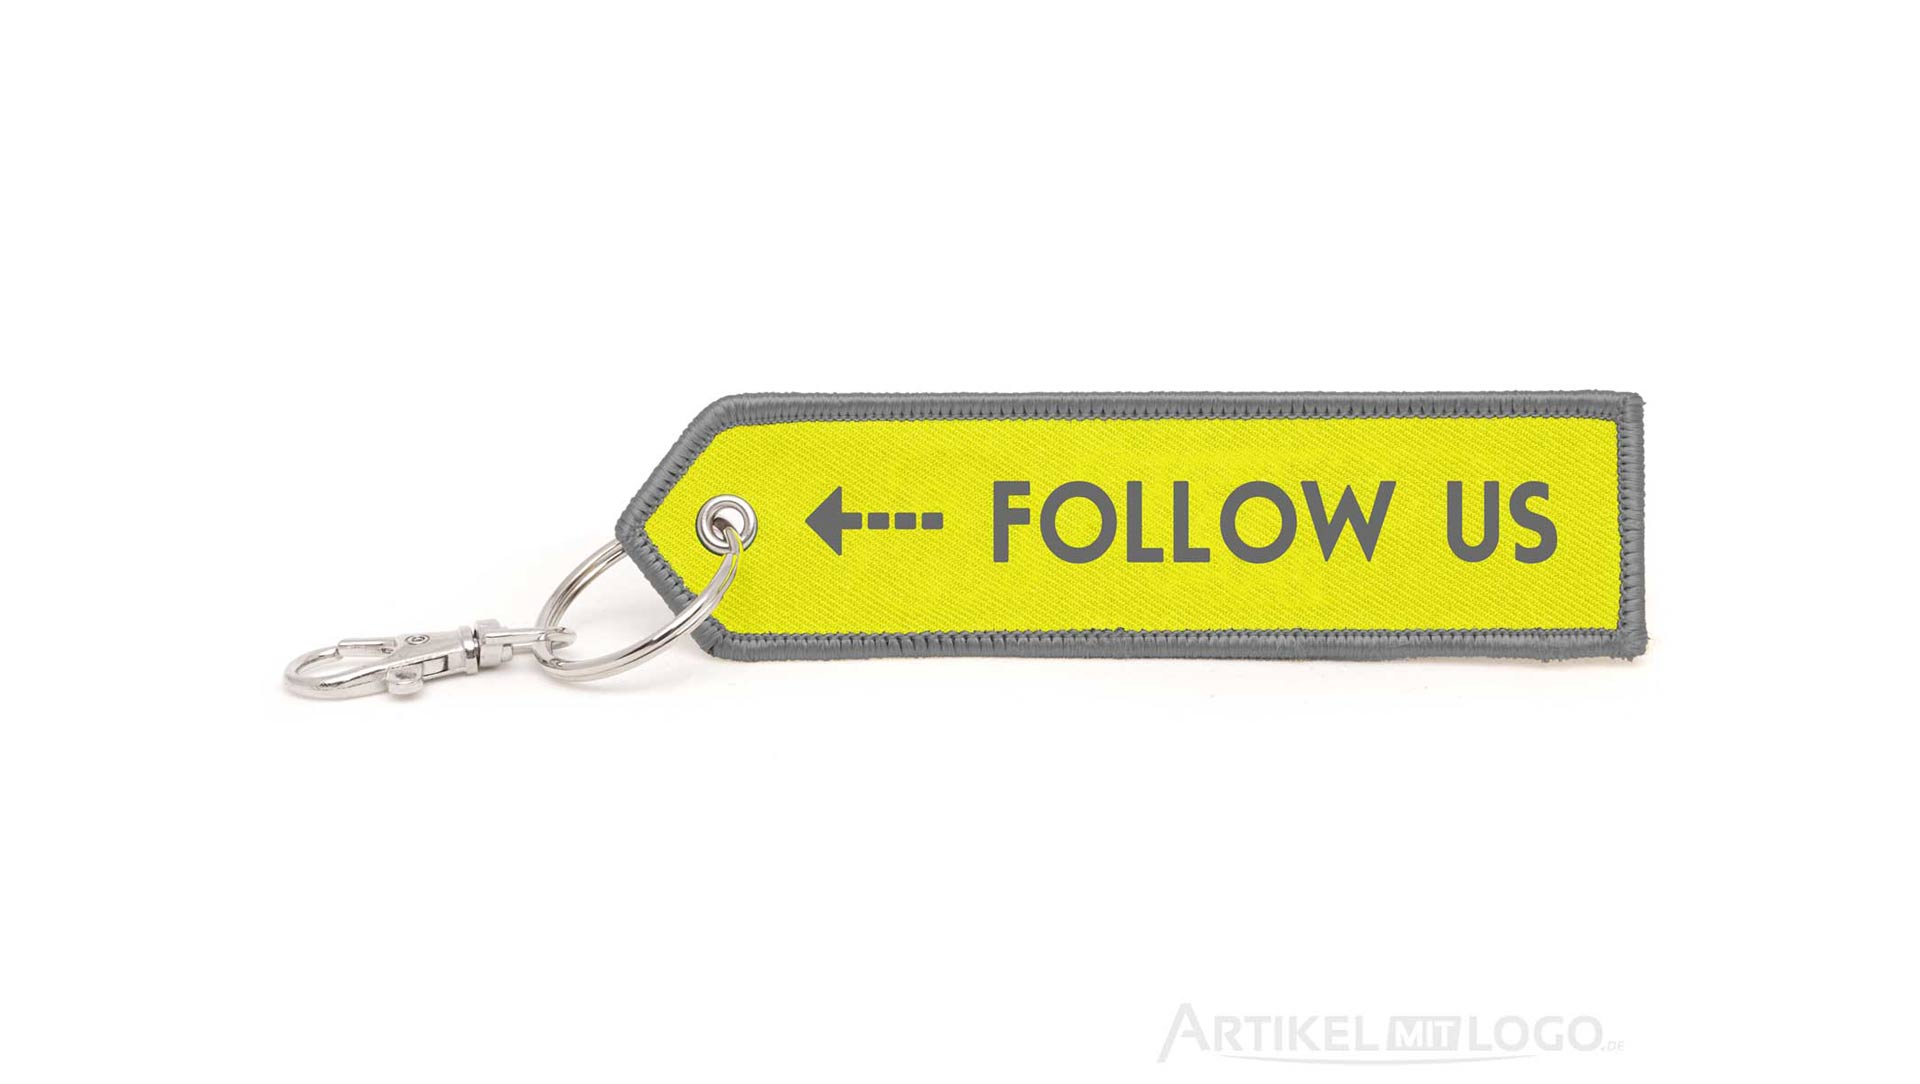 Pfeil Schlüsselanhänger mit Follow Us gelb